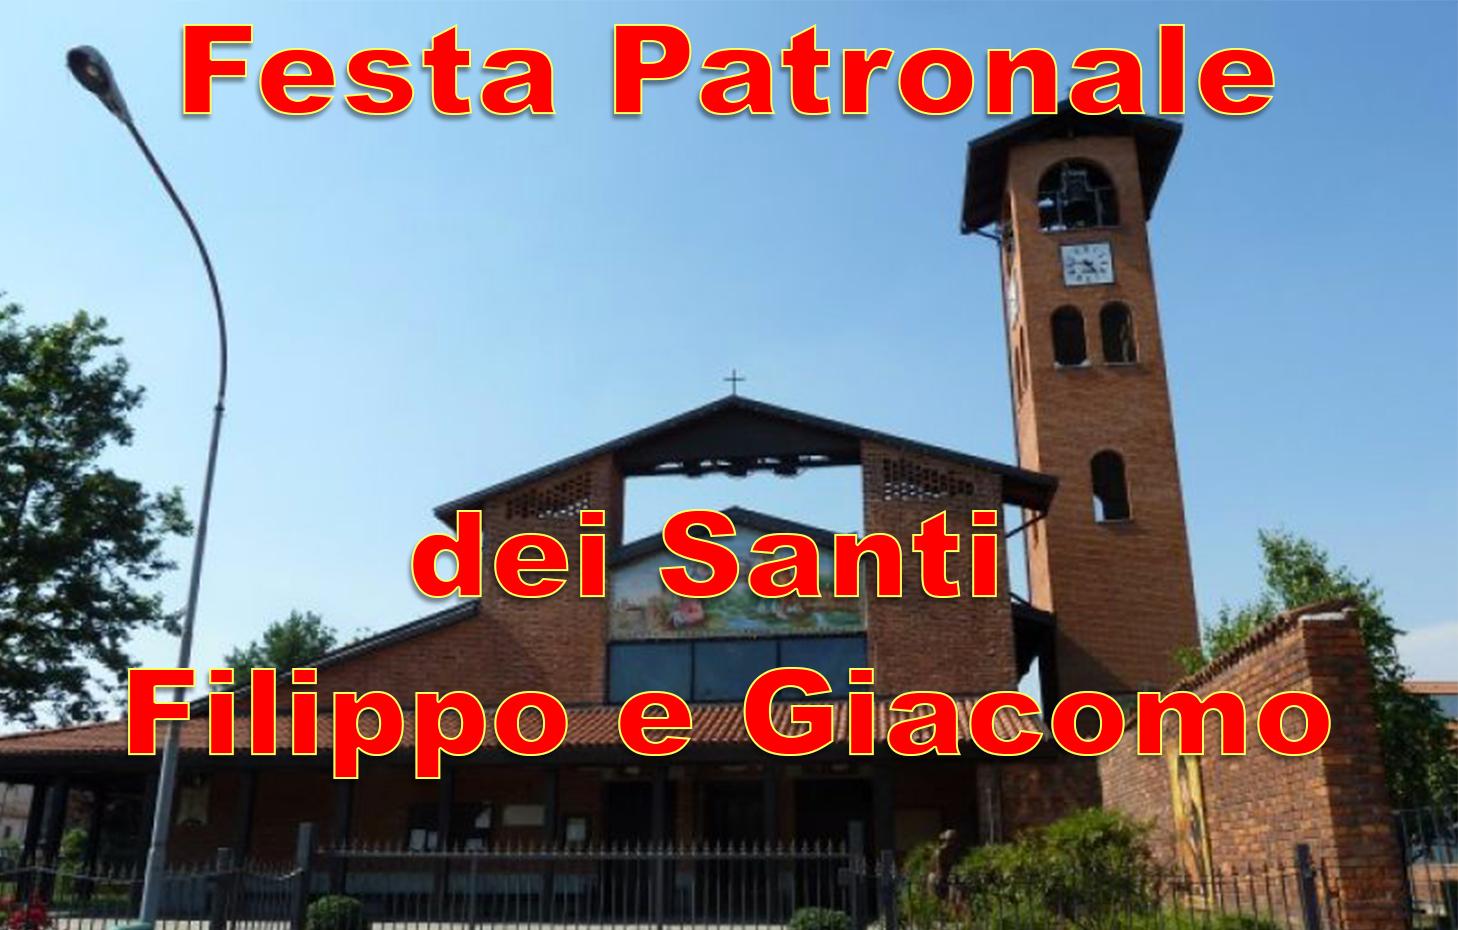 SANTI FILIPPO E GIACOMO: FESTA PATRONALE DI CERCHIATE